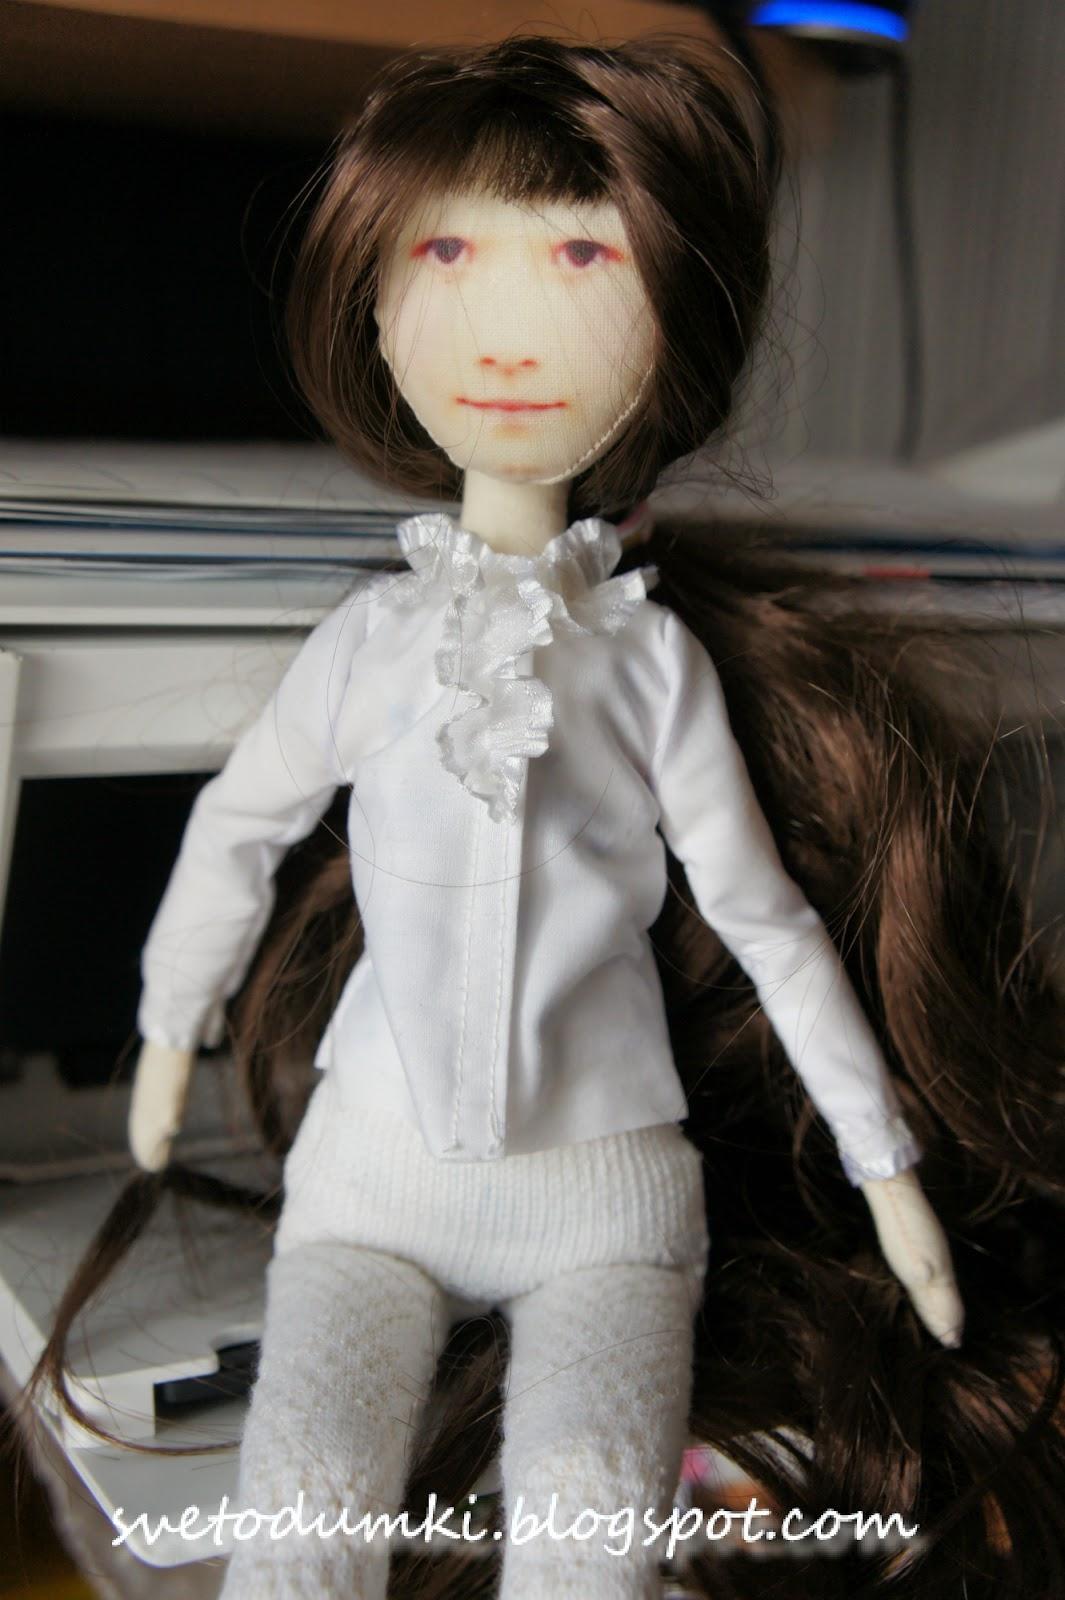 текстильная кукла с лицом девочки